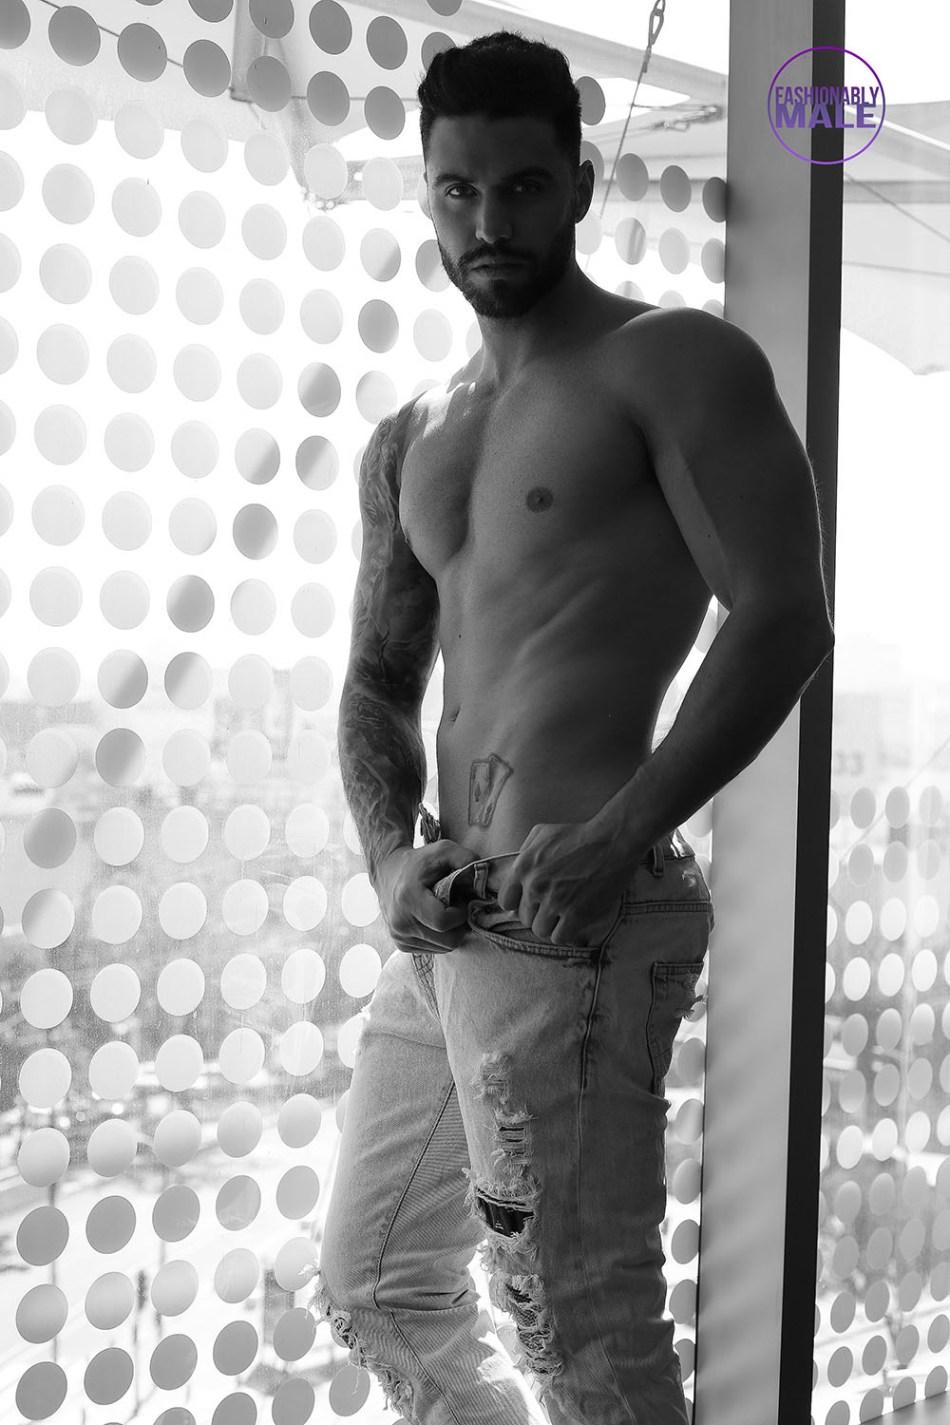 Fernando Lozada by Afif Kattan for Fashionably Male4